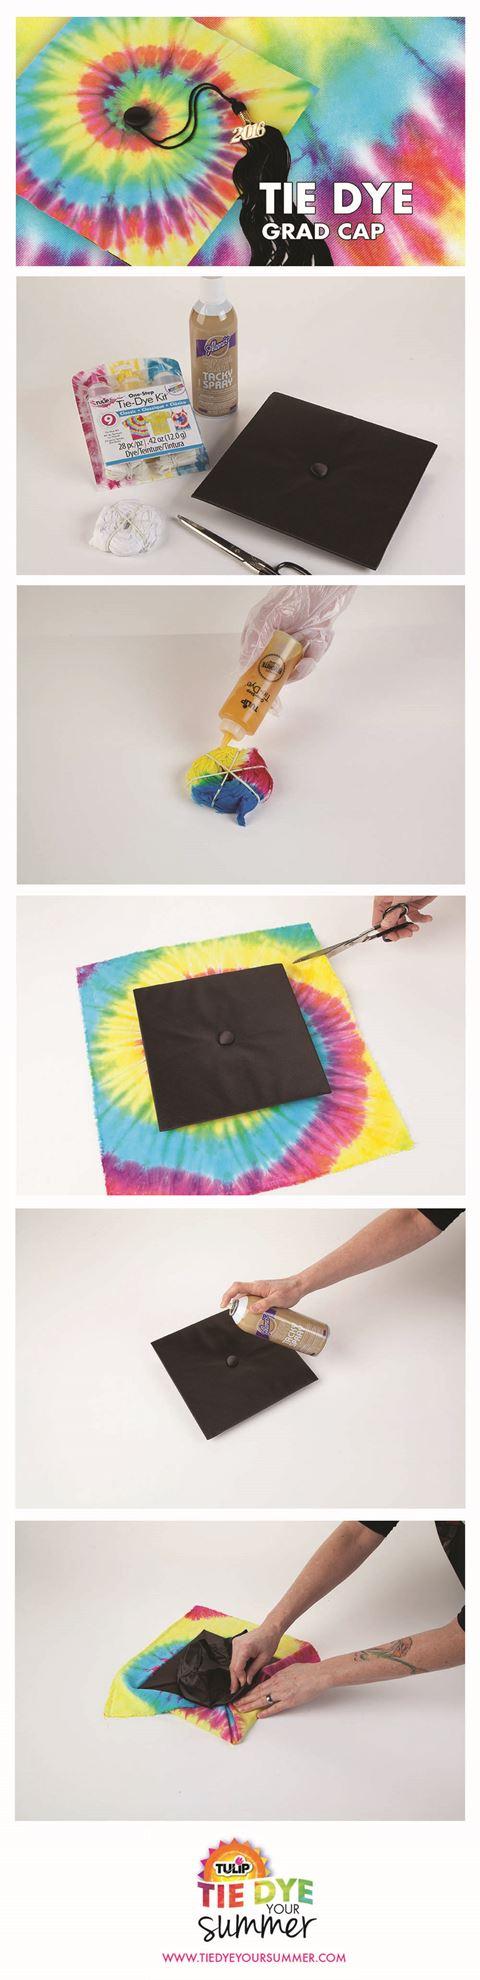 Swirl Technique Tie Dye Graduation Cap #tiedye #graduation cap #tdys #tiedyeyoursummer #tuliptiedye #TDYS